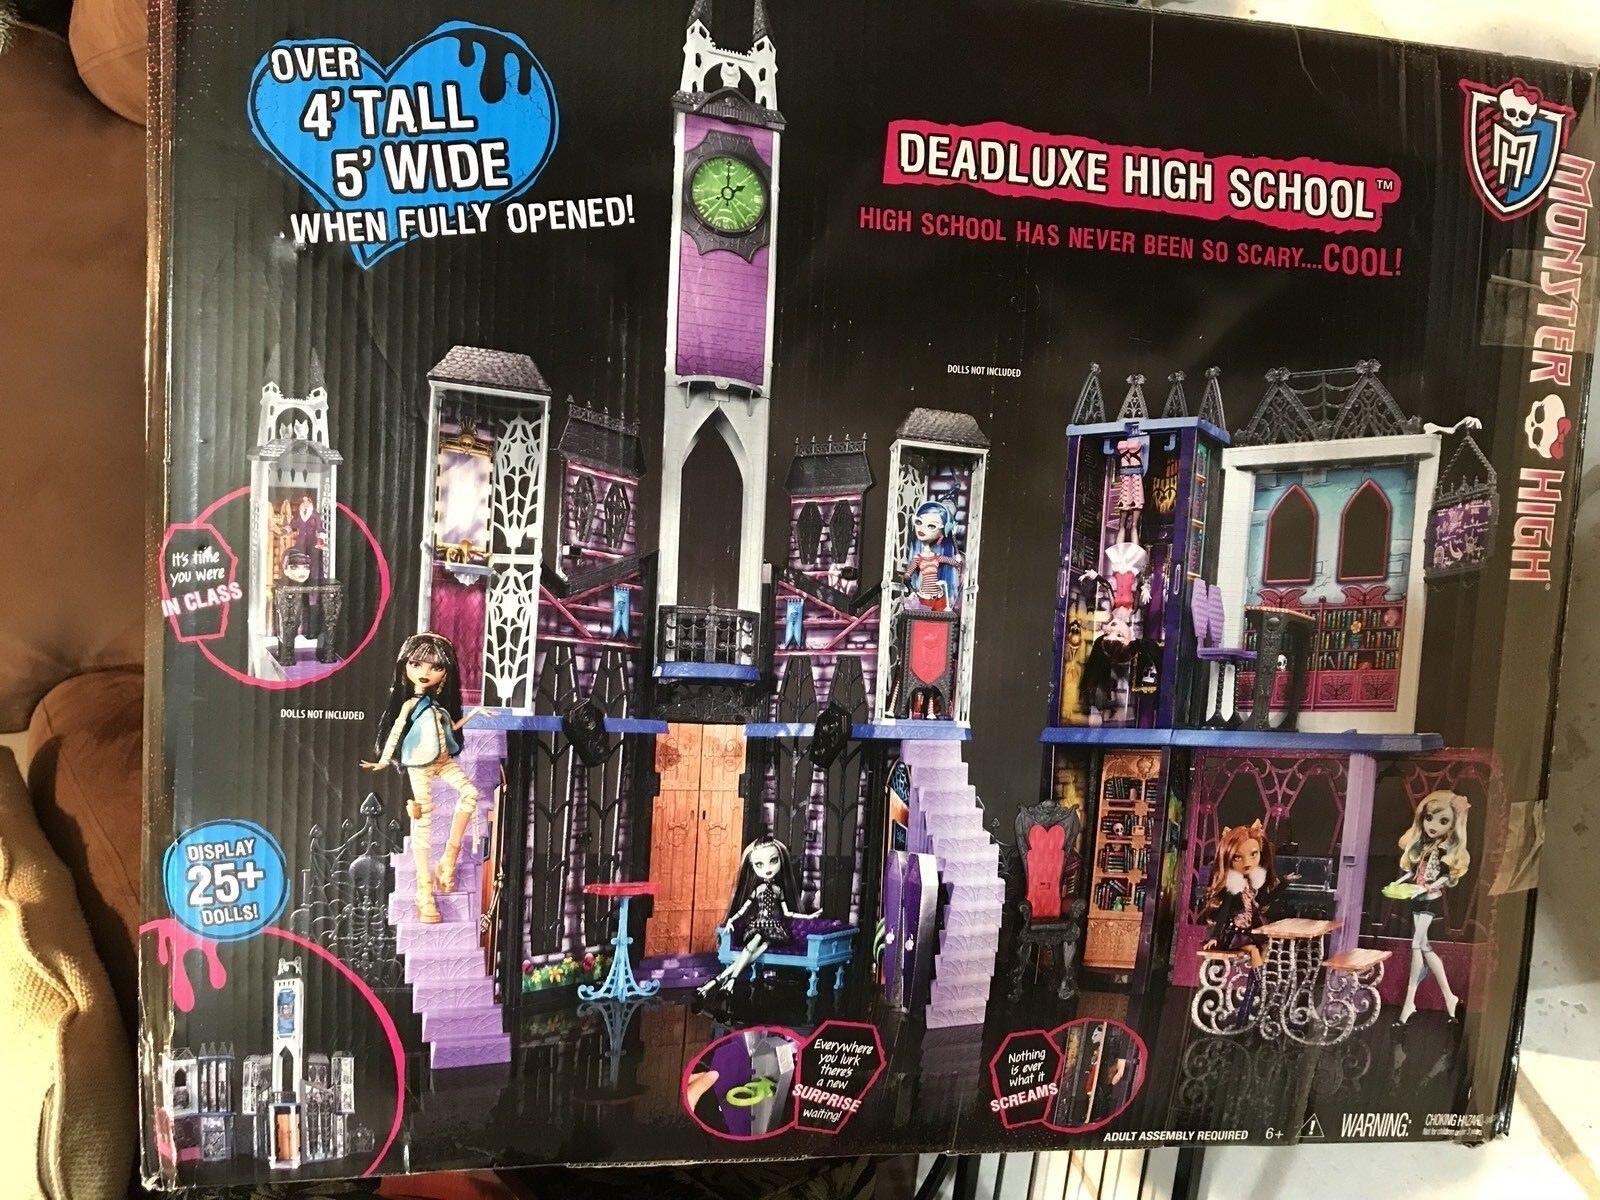 """MONTER HIGH """"DEADLUXE HIGH SCHOOL"""" OVER 4'FEET TALL 5'WIDE COOLEST CLASS EVER"""